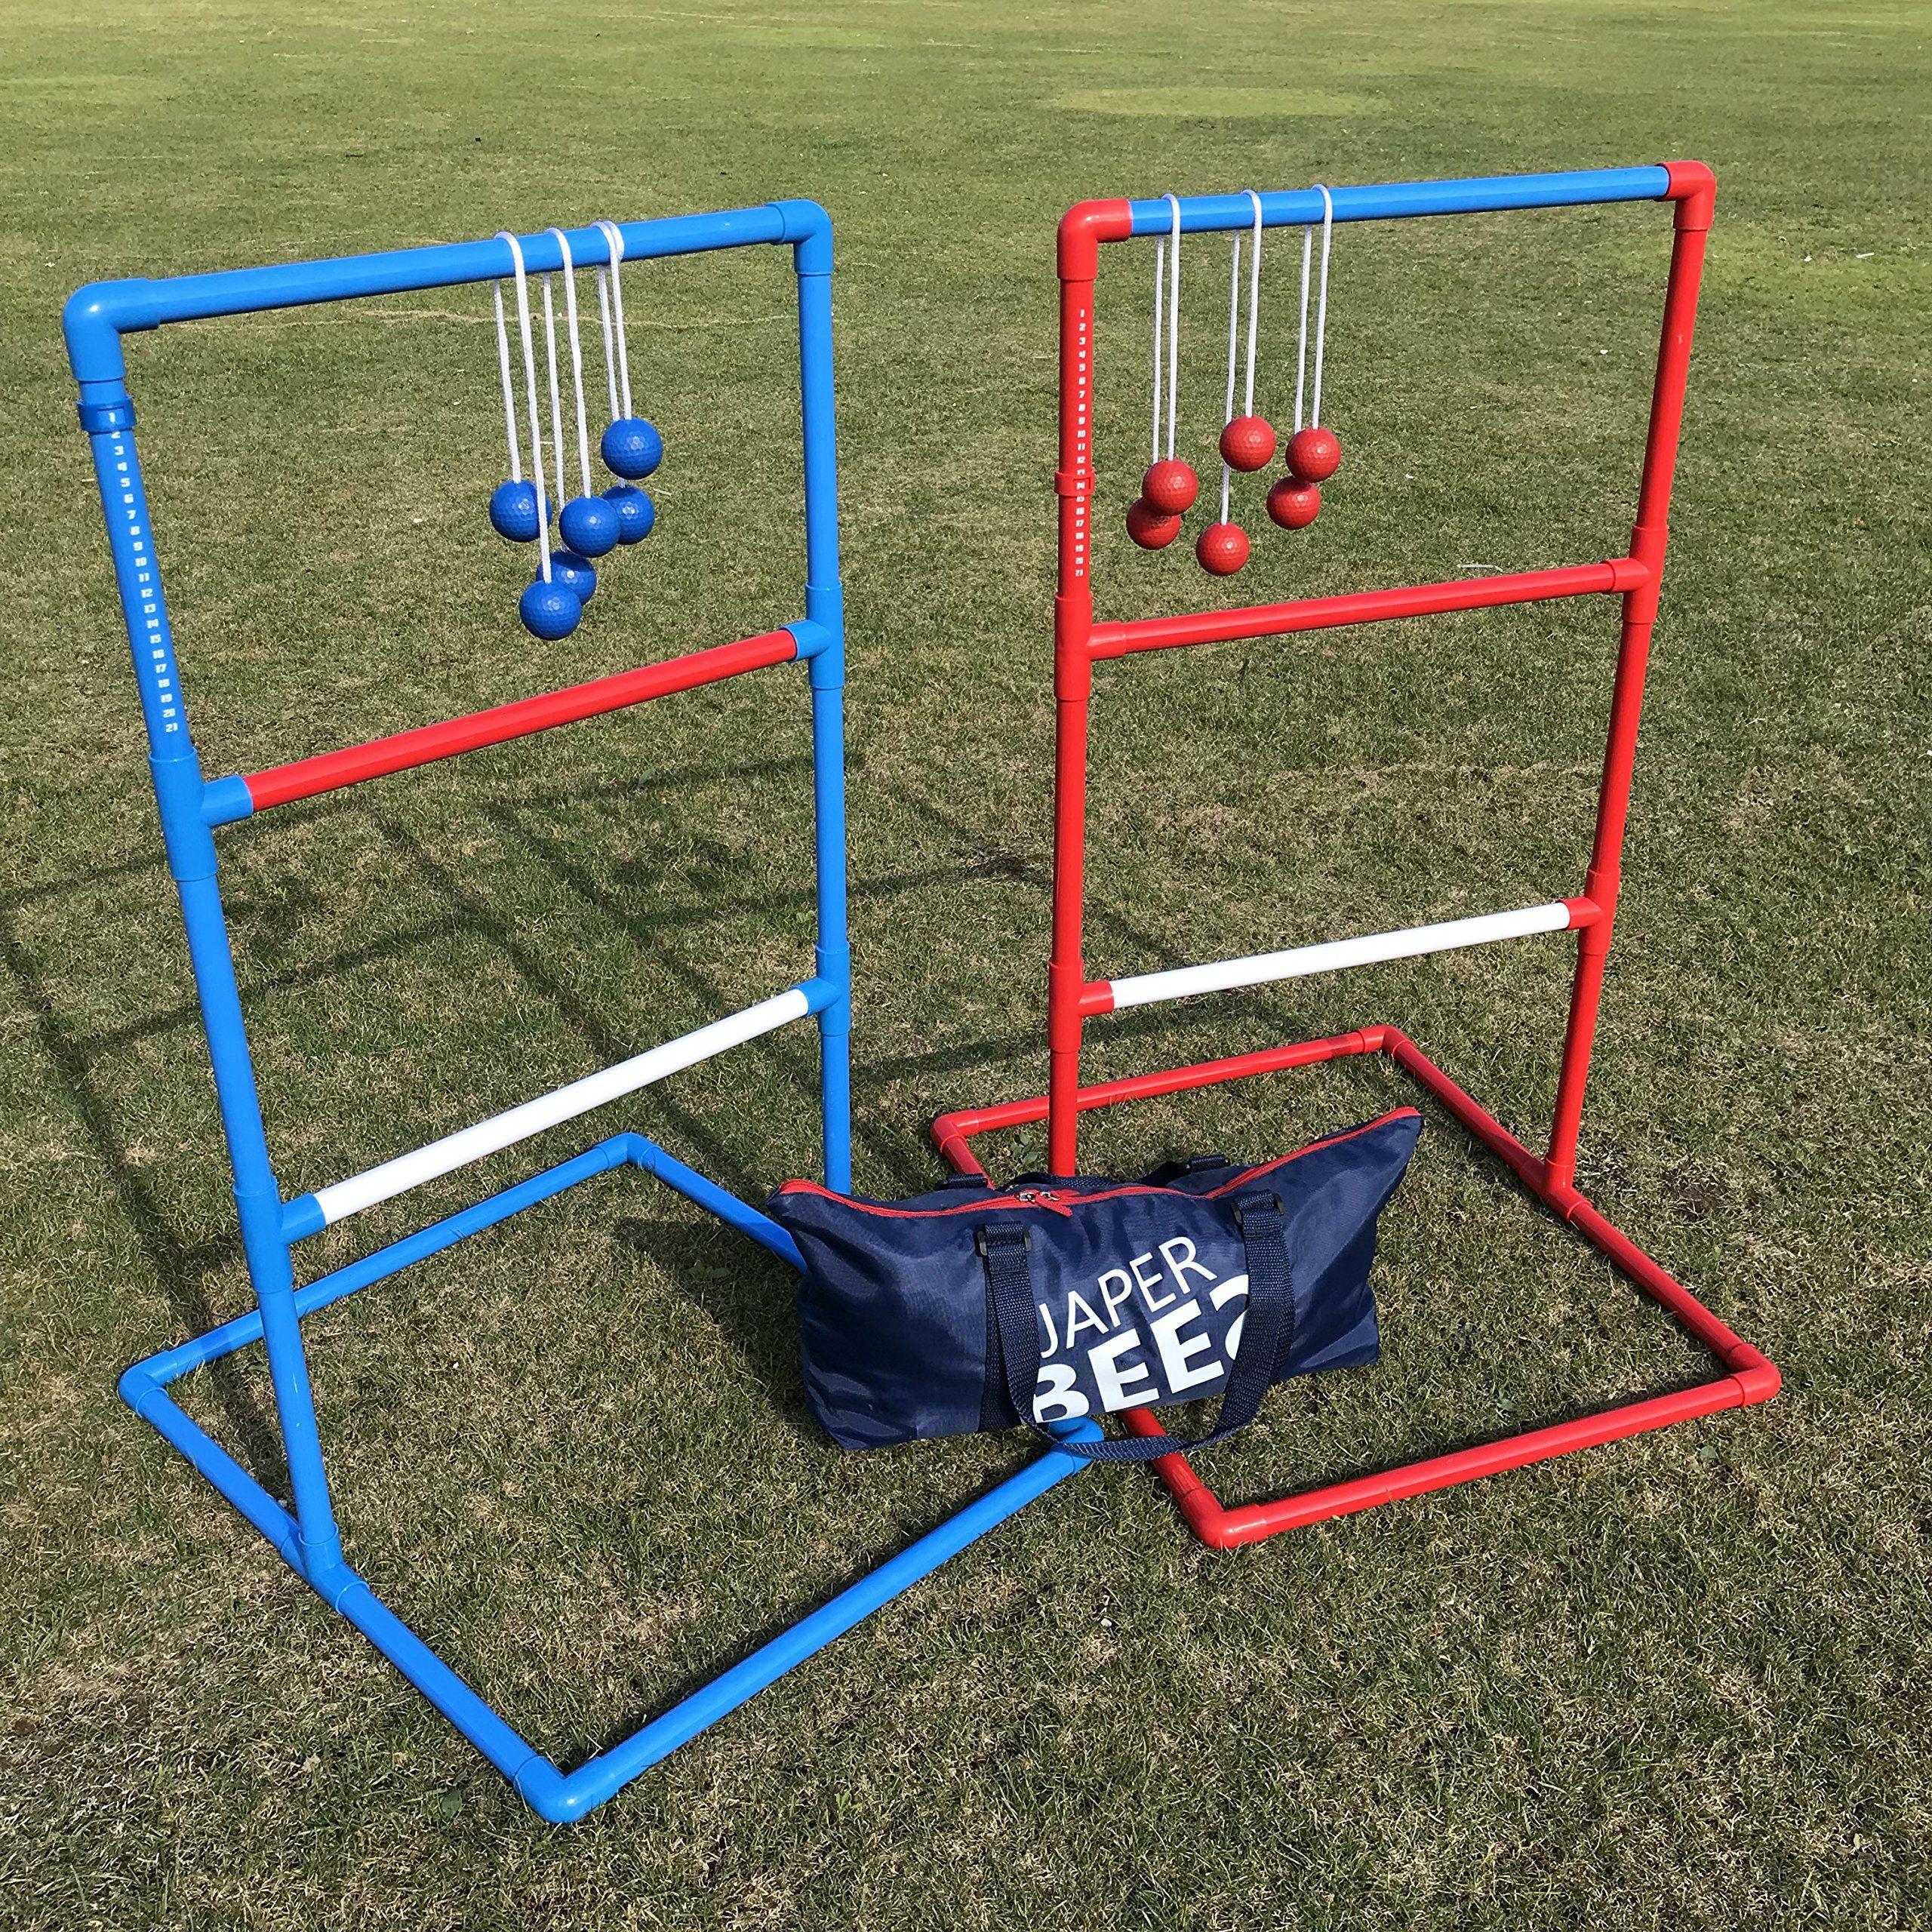 Golf Balls Japer Bees Premium Rope Ladder Golf Toss Yard Game